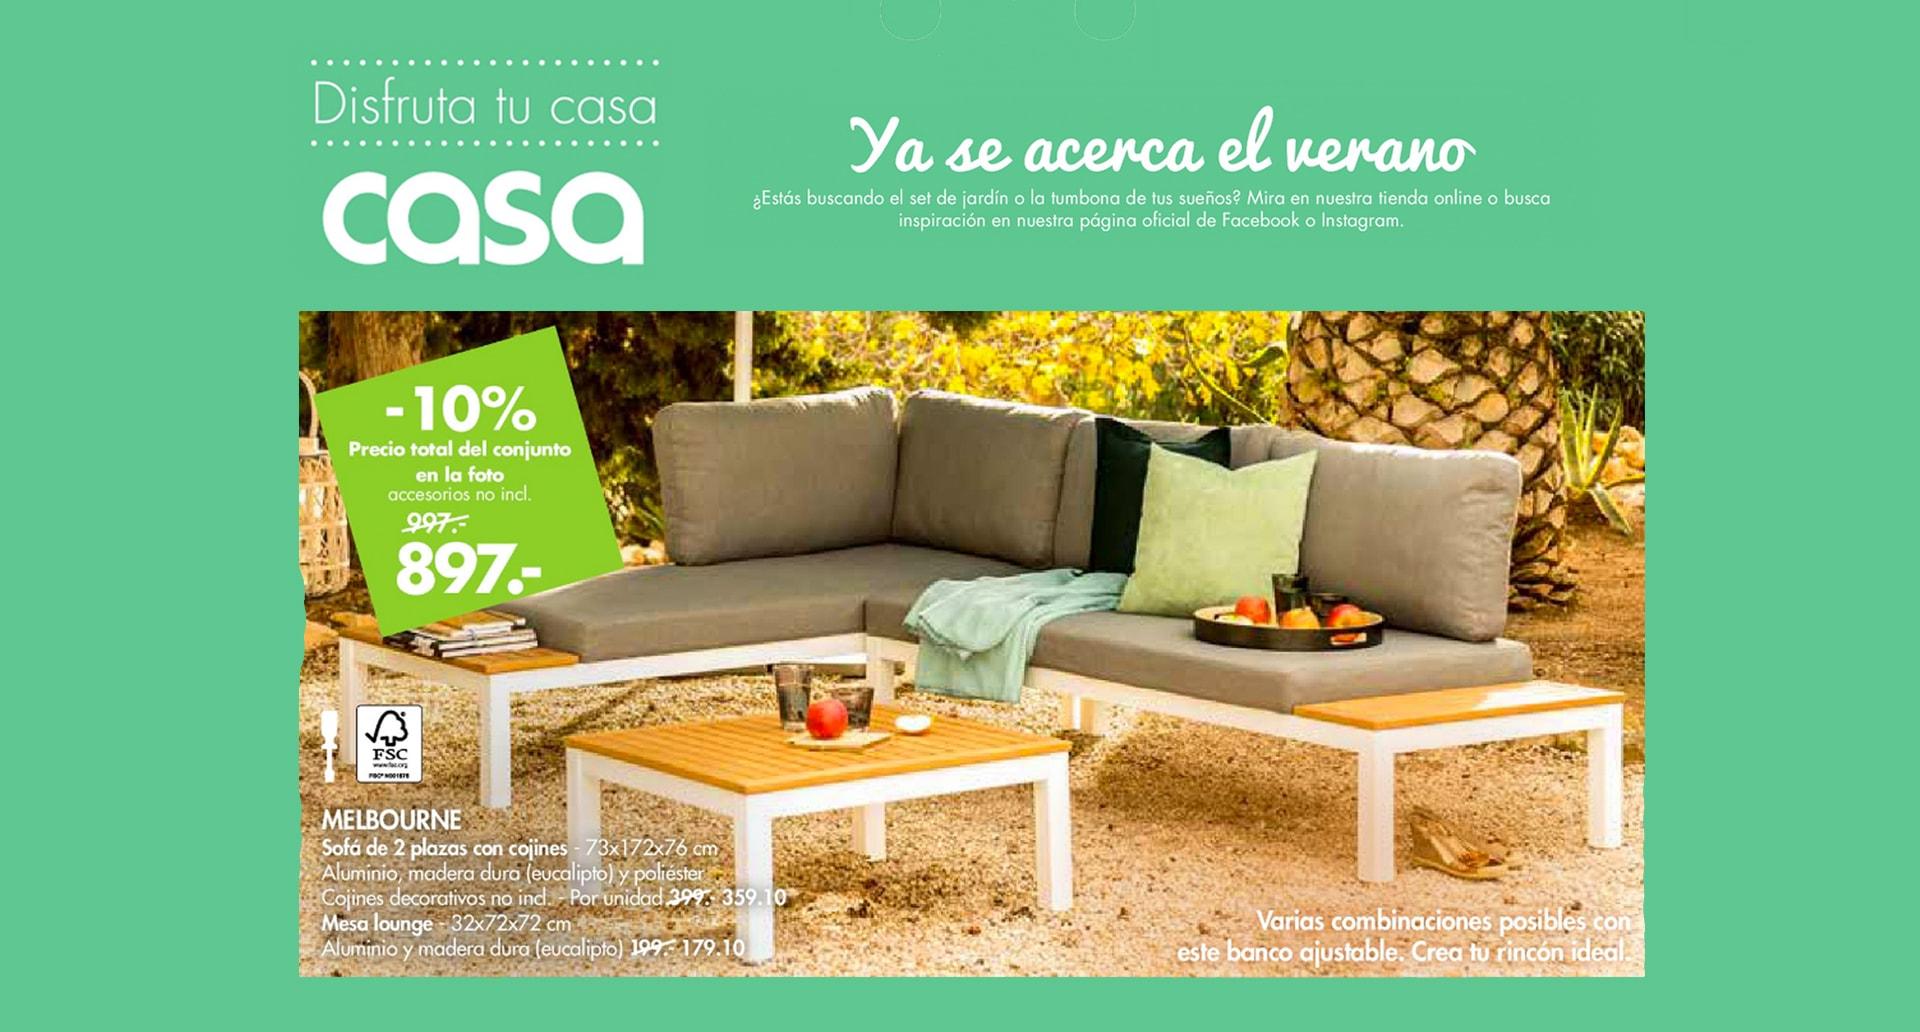 En Casa, -10% en sofá de 2 plazas con cojines Melbourne